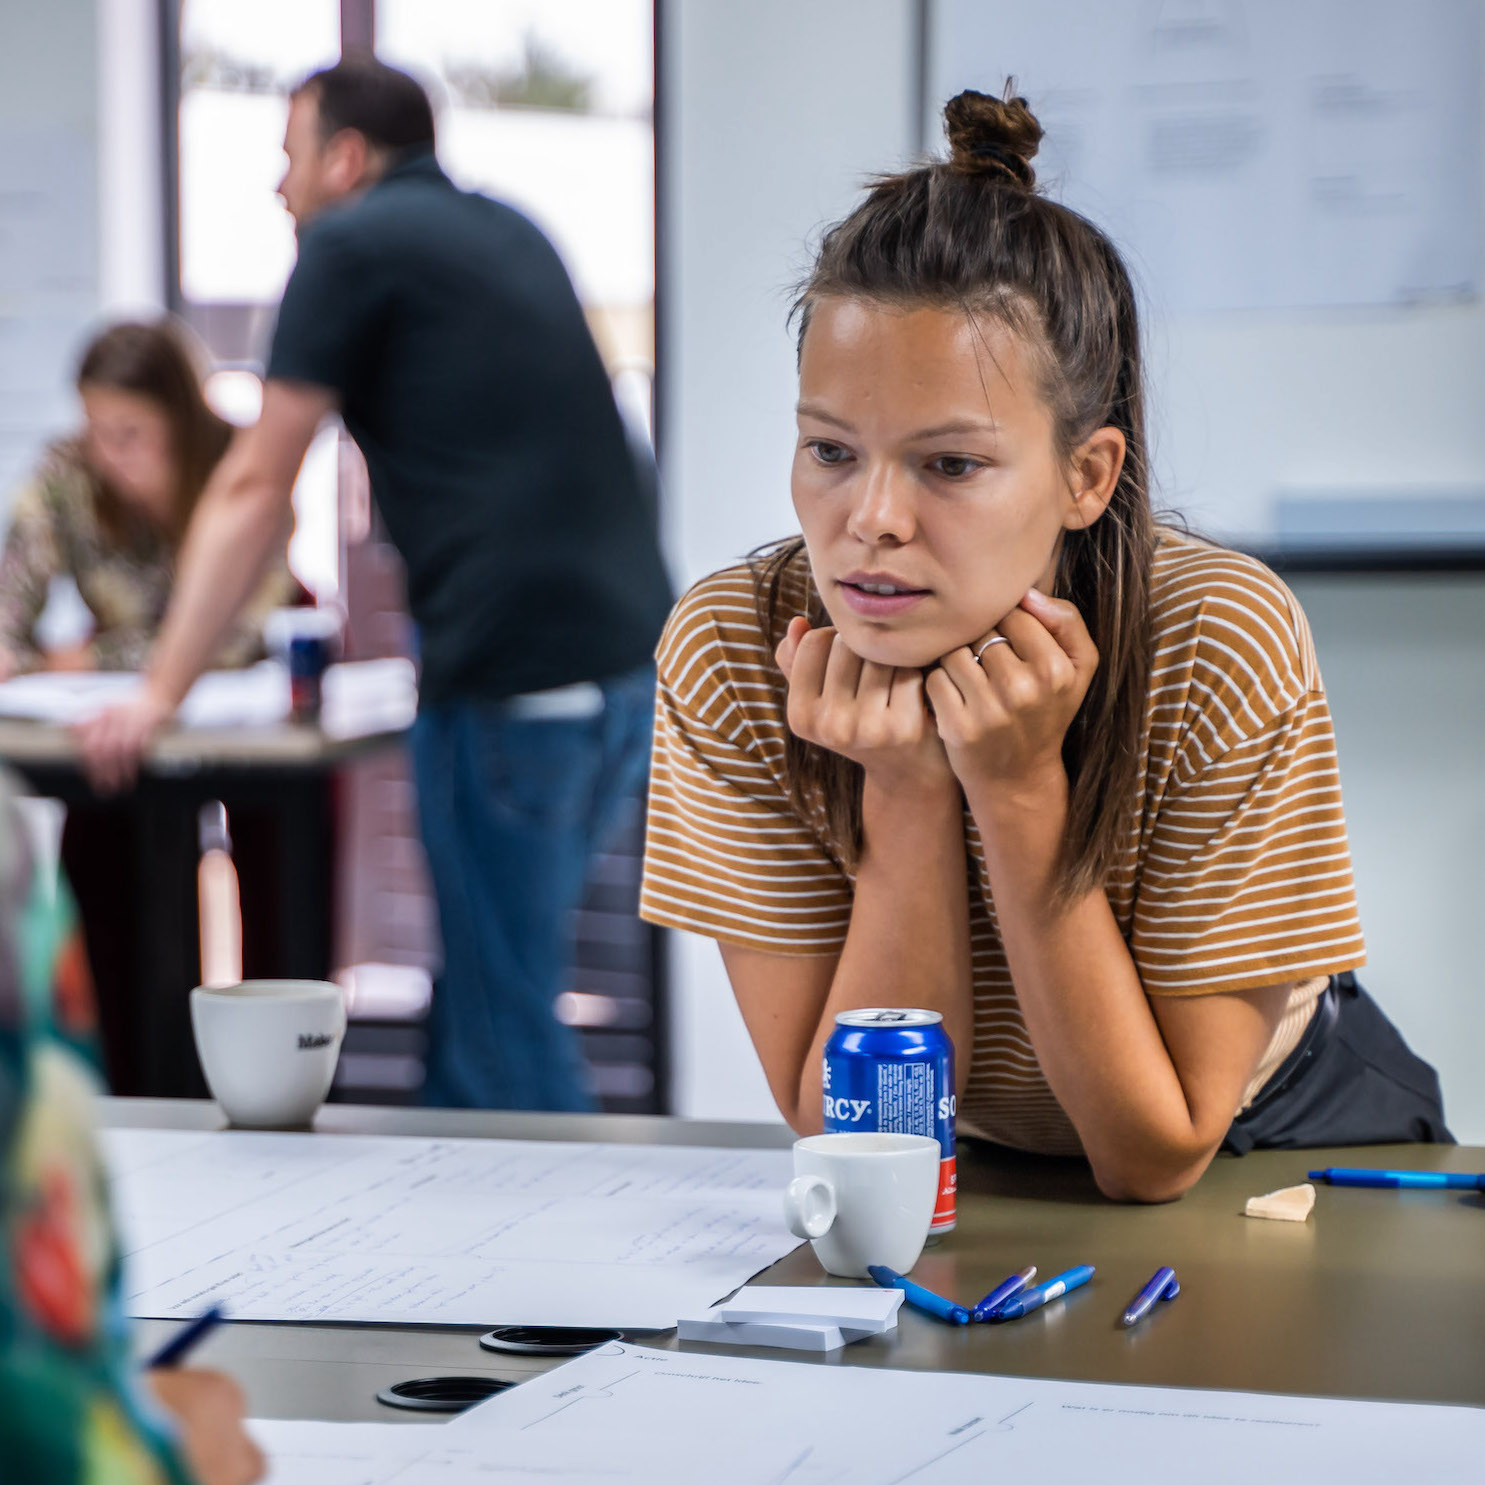 Stein aan het werk tijdens een Unplugged workshop, close up